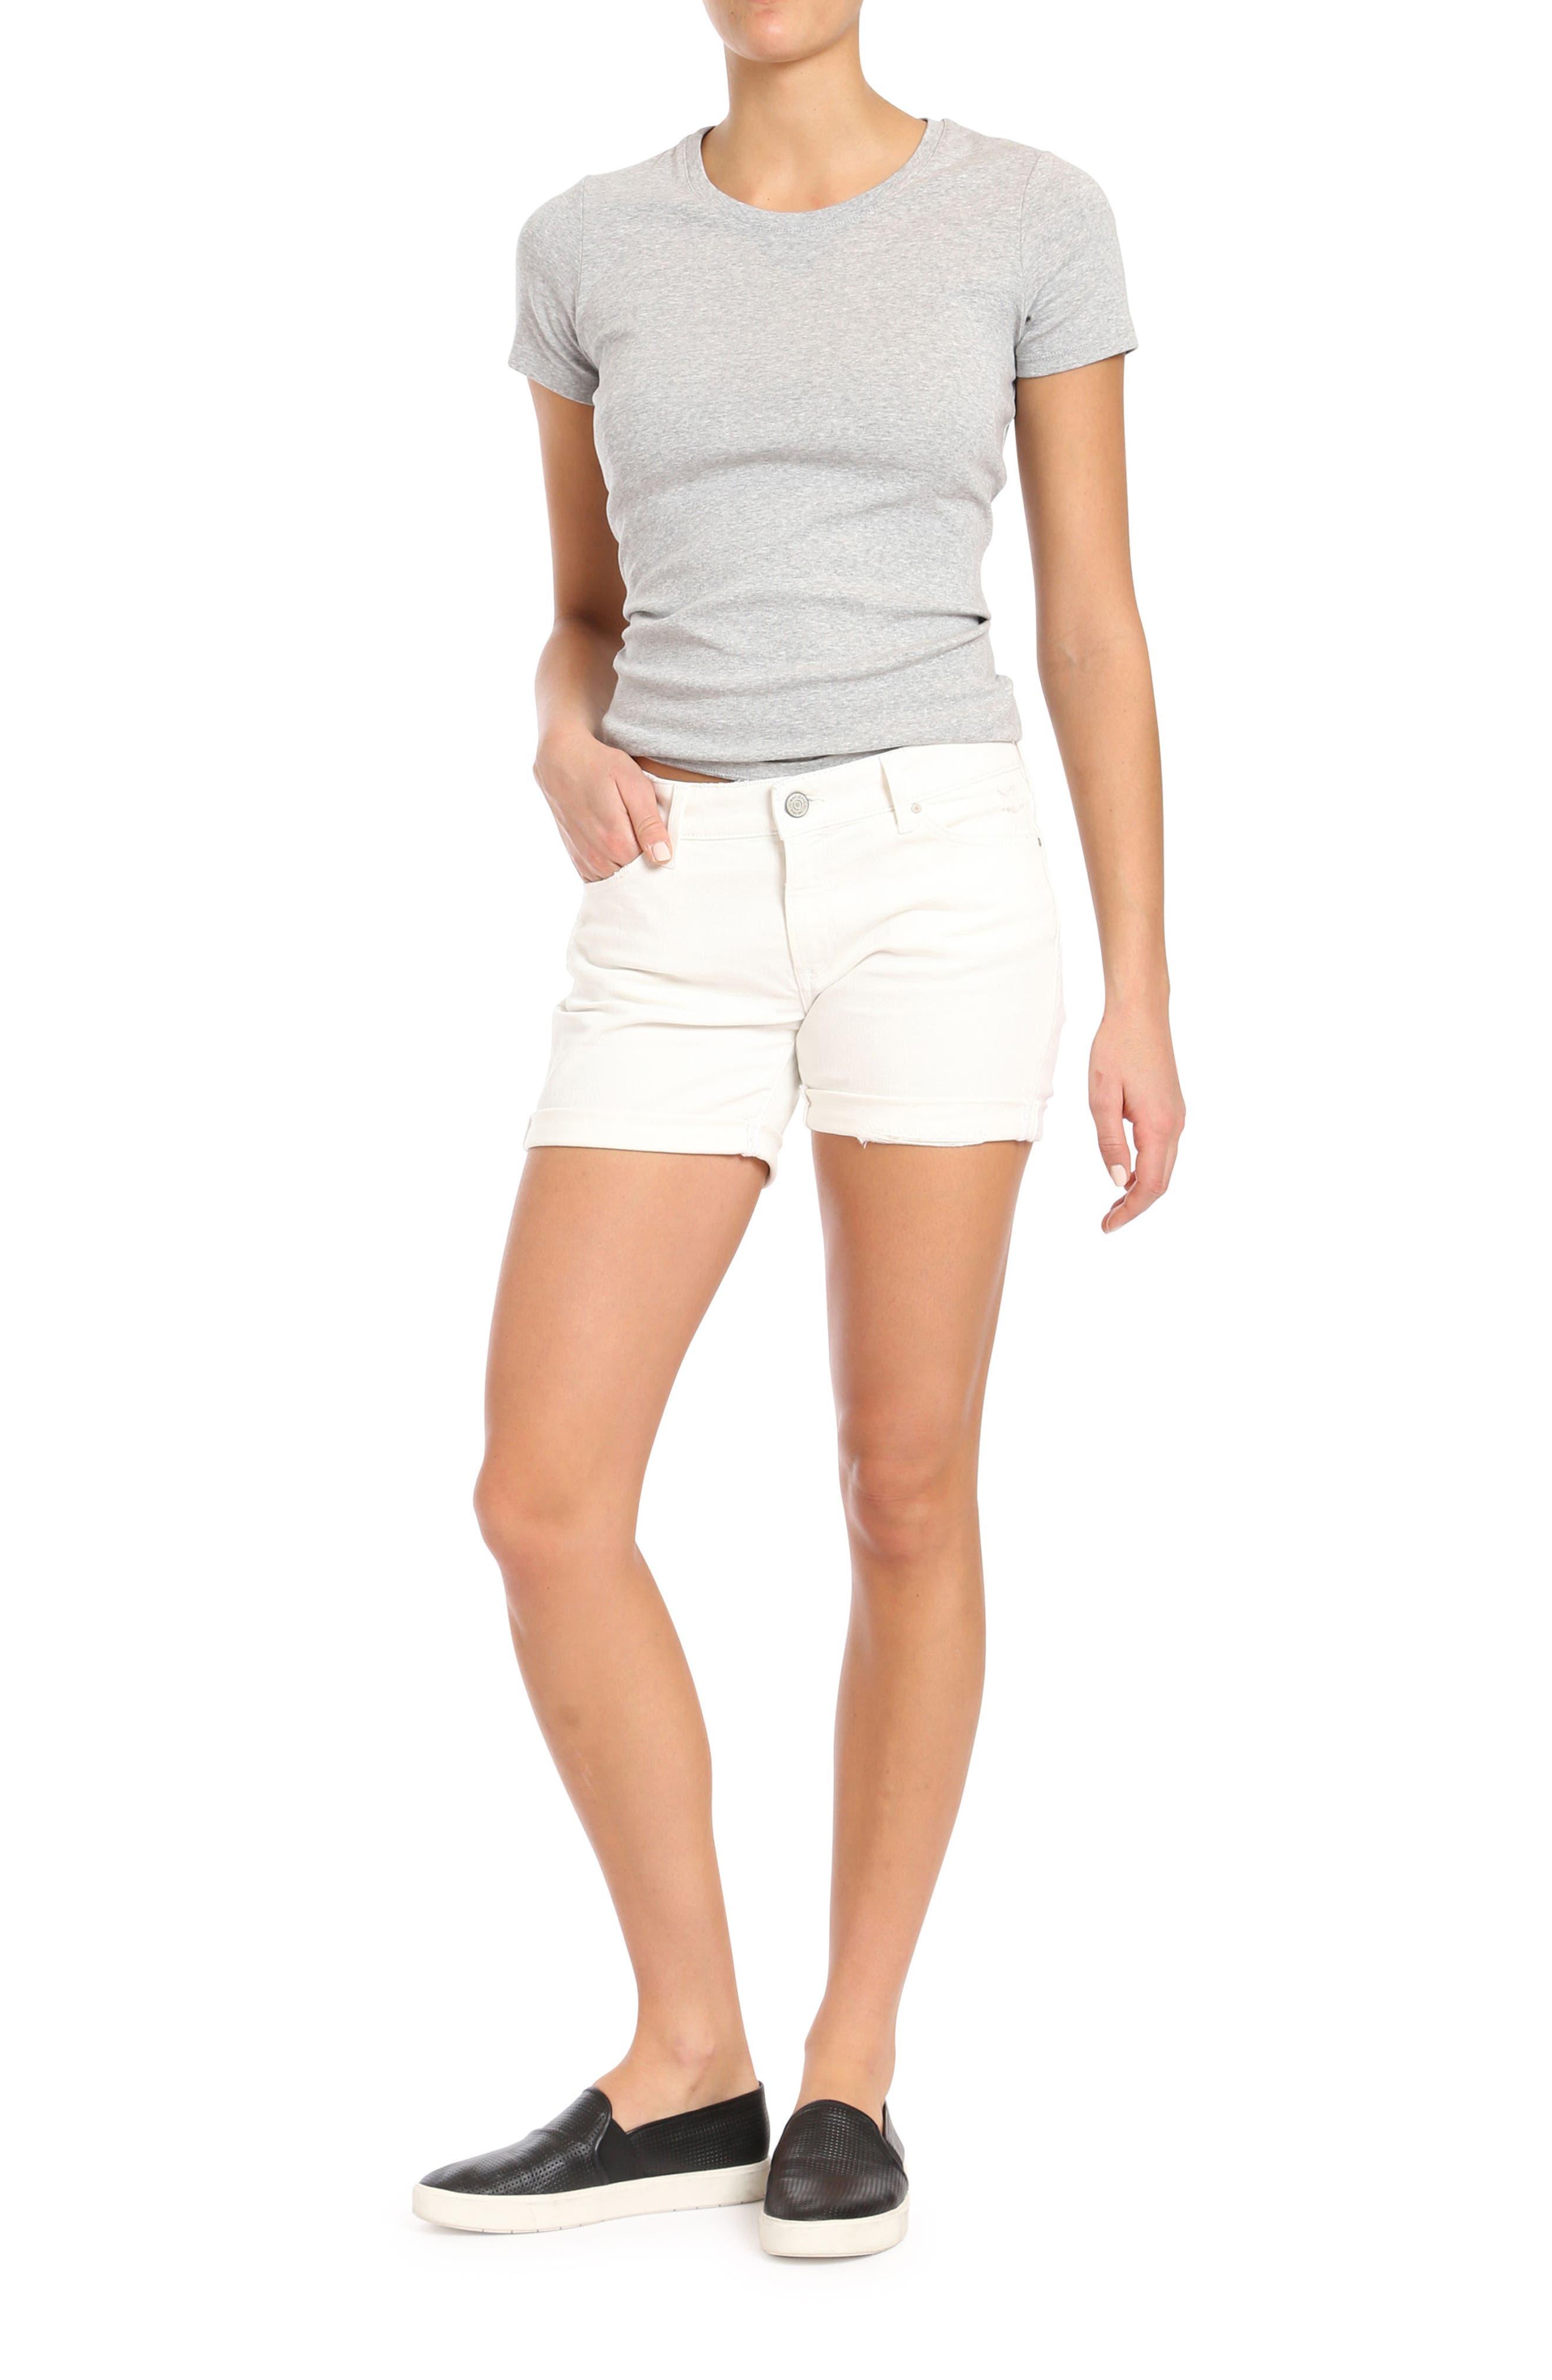 MAVI JEANS, Pixie Ripped Denim Shorts, Alternate thumbnail 5, color, WHITE RIPPED NOLITA